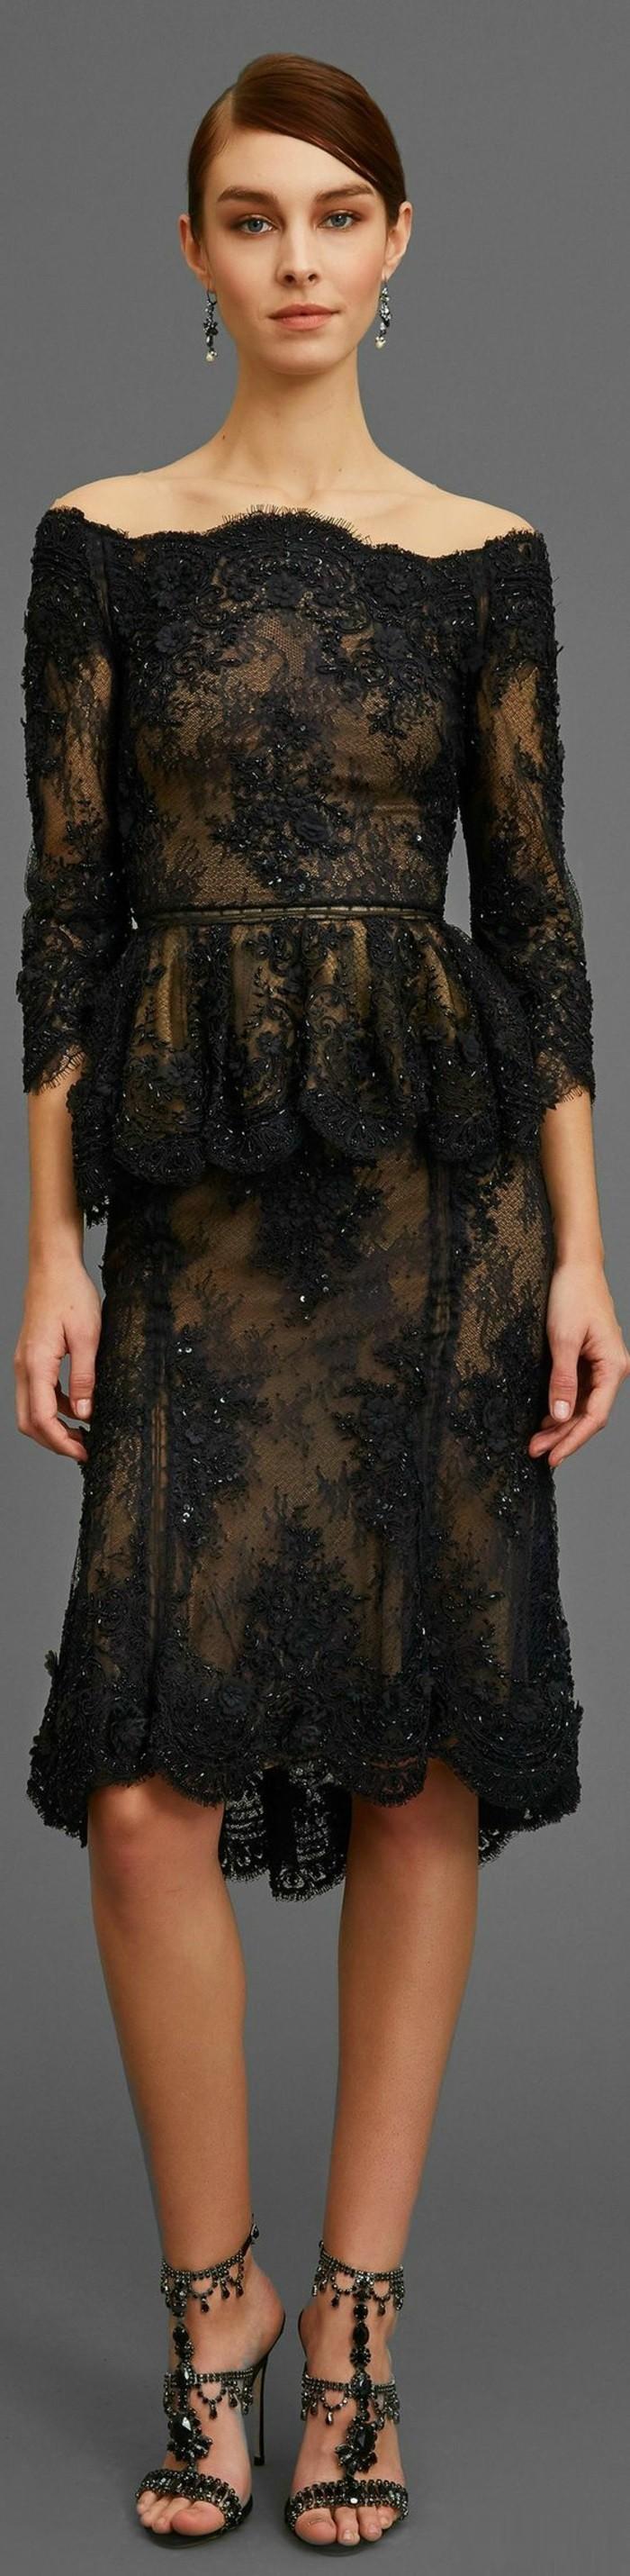 ootd-robe-dantelle-robes-dentelles-noires